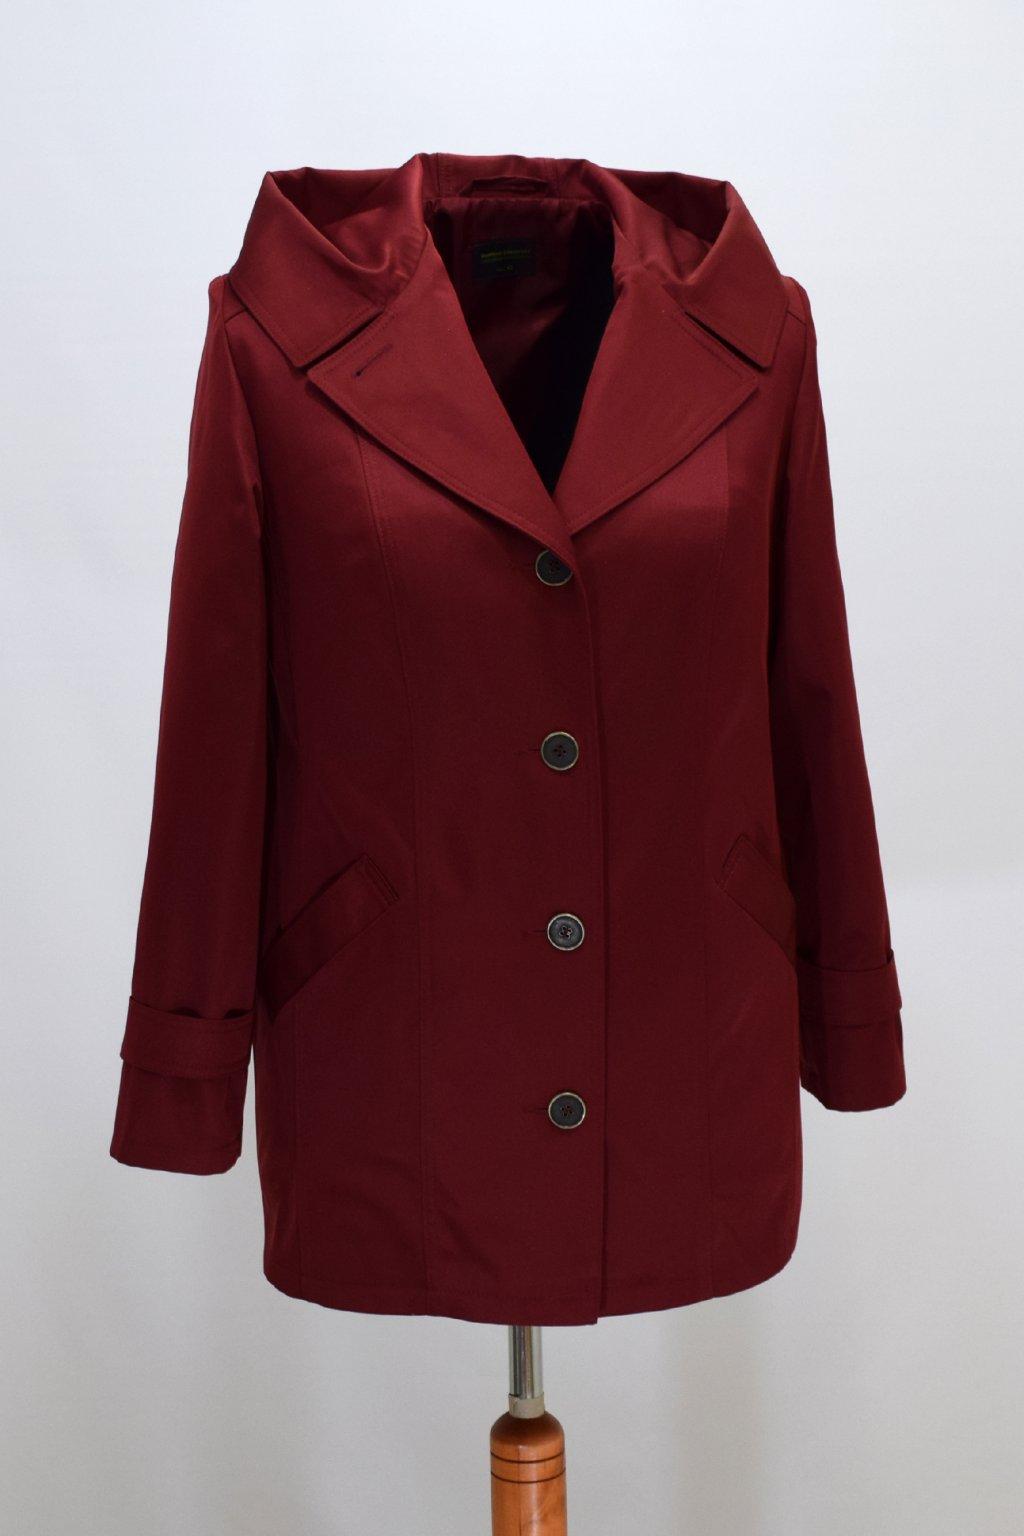 Dámský jarní vínový kabátek Šantal nadměrné velikosti.